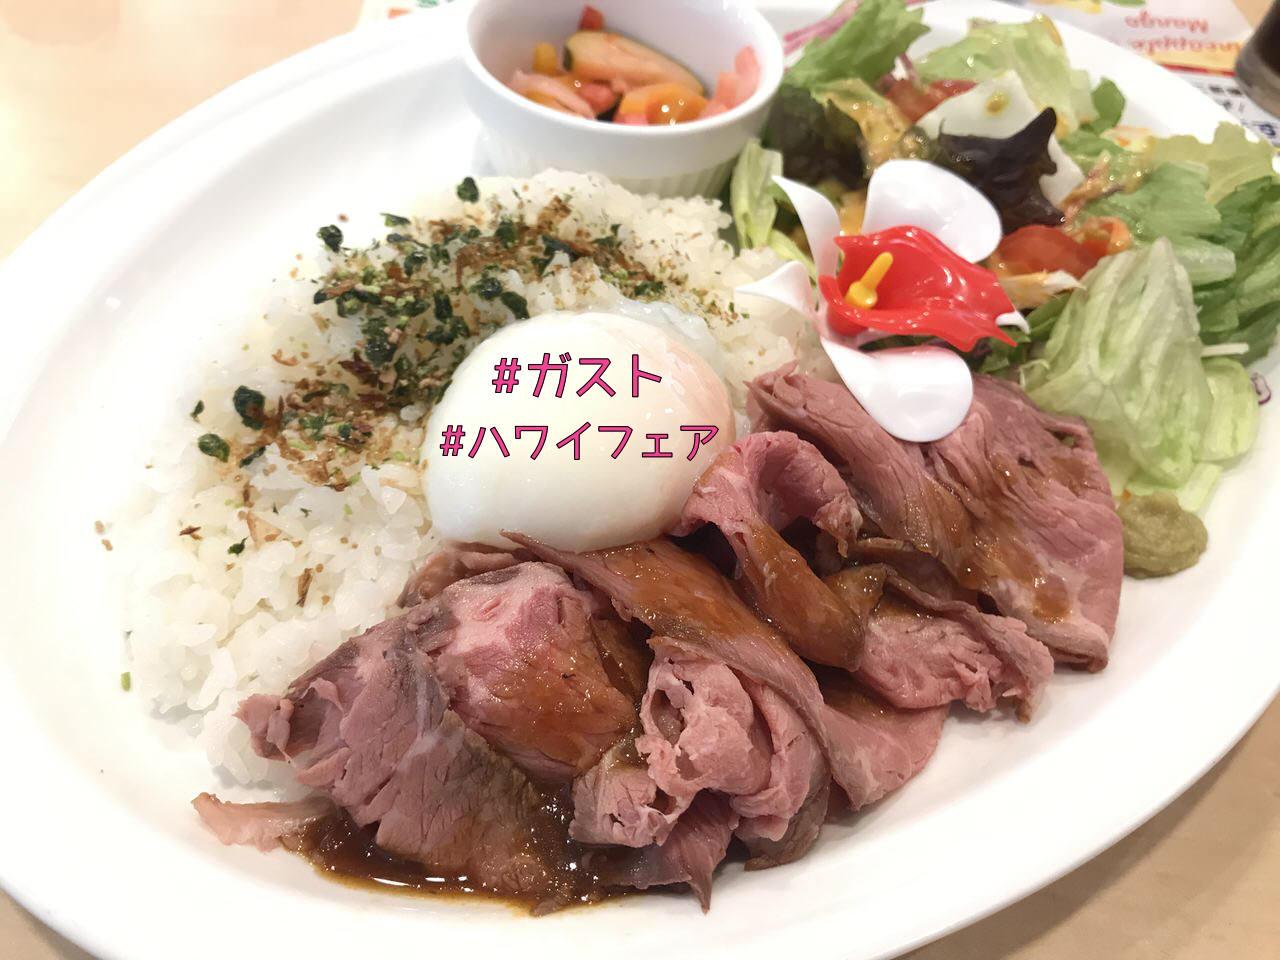 【PR】ガストでハワイフェア開催中!肉々しいビーフのメニューが食べられる!